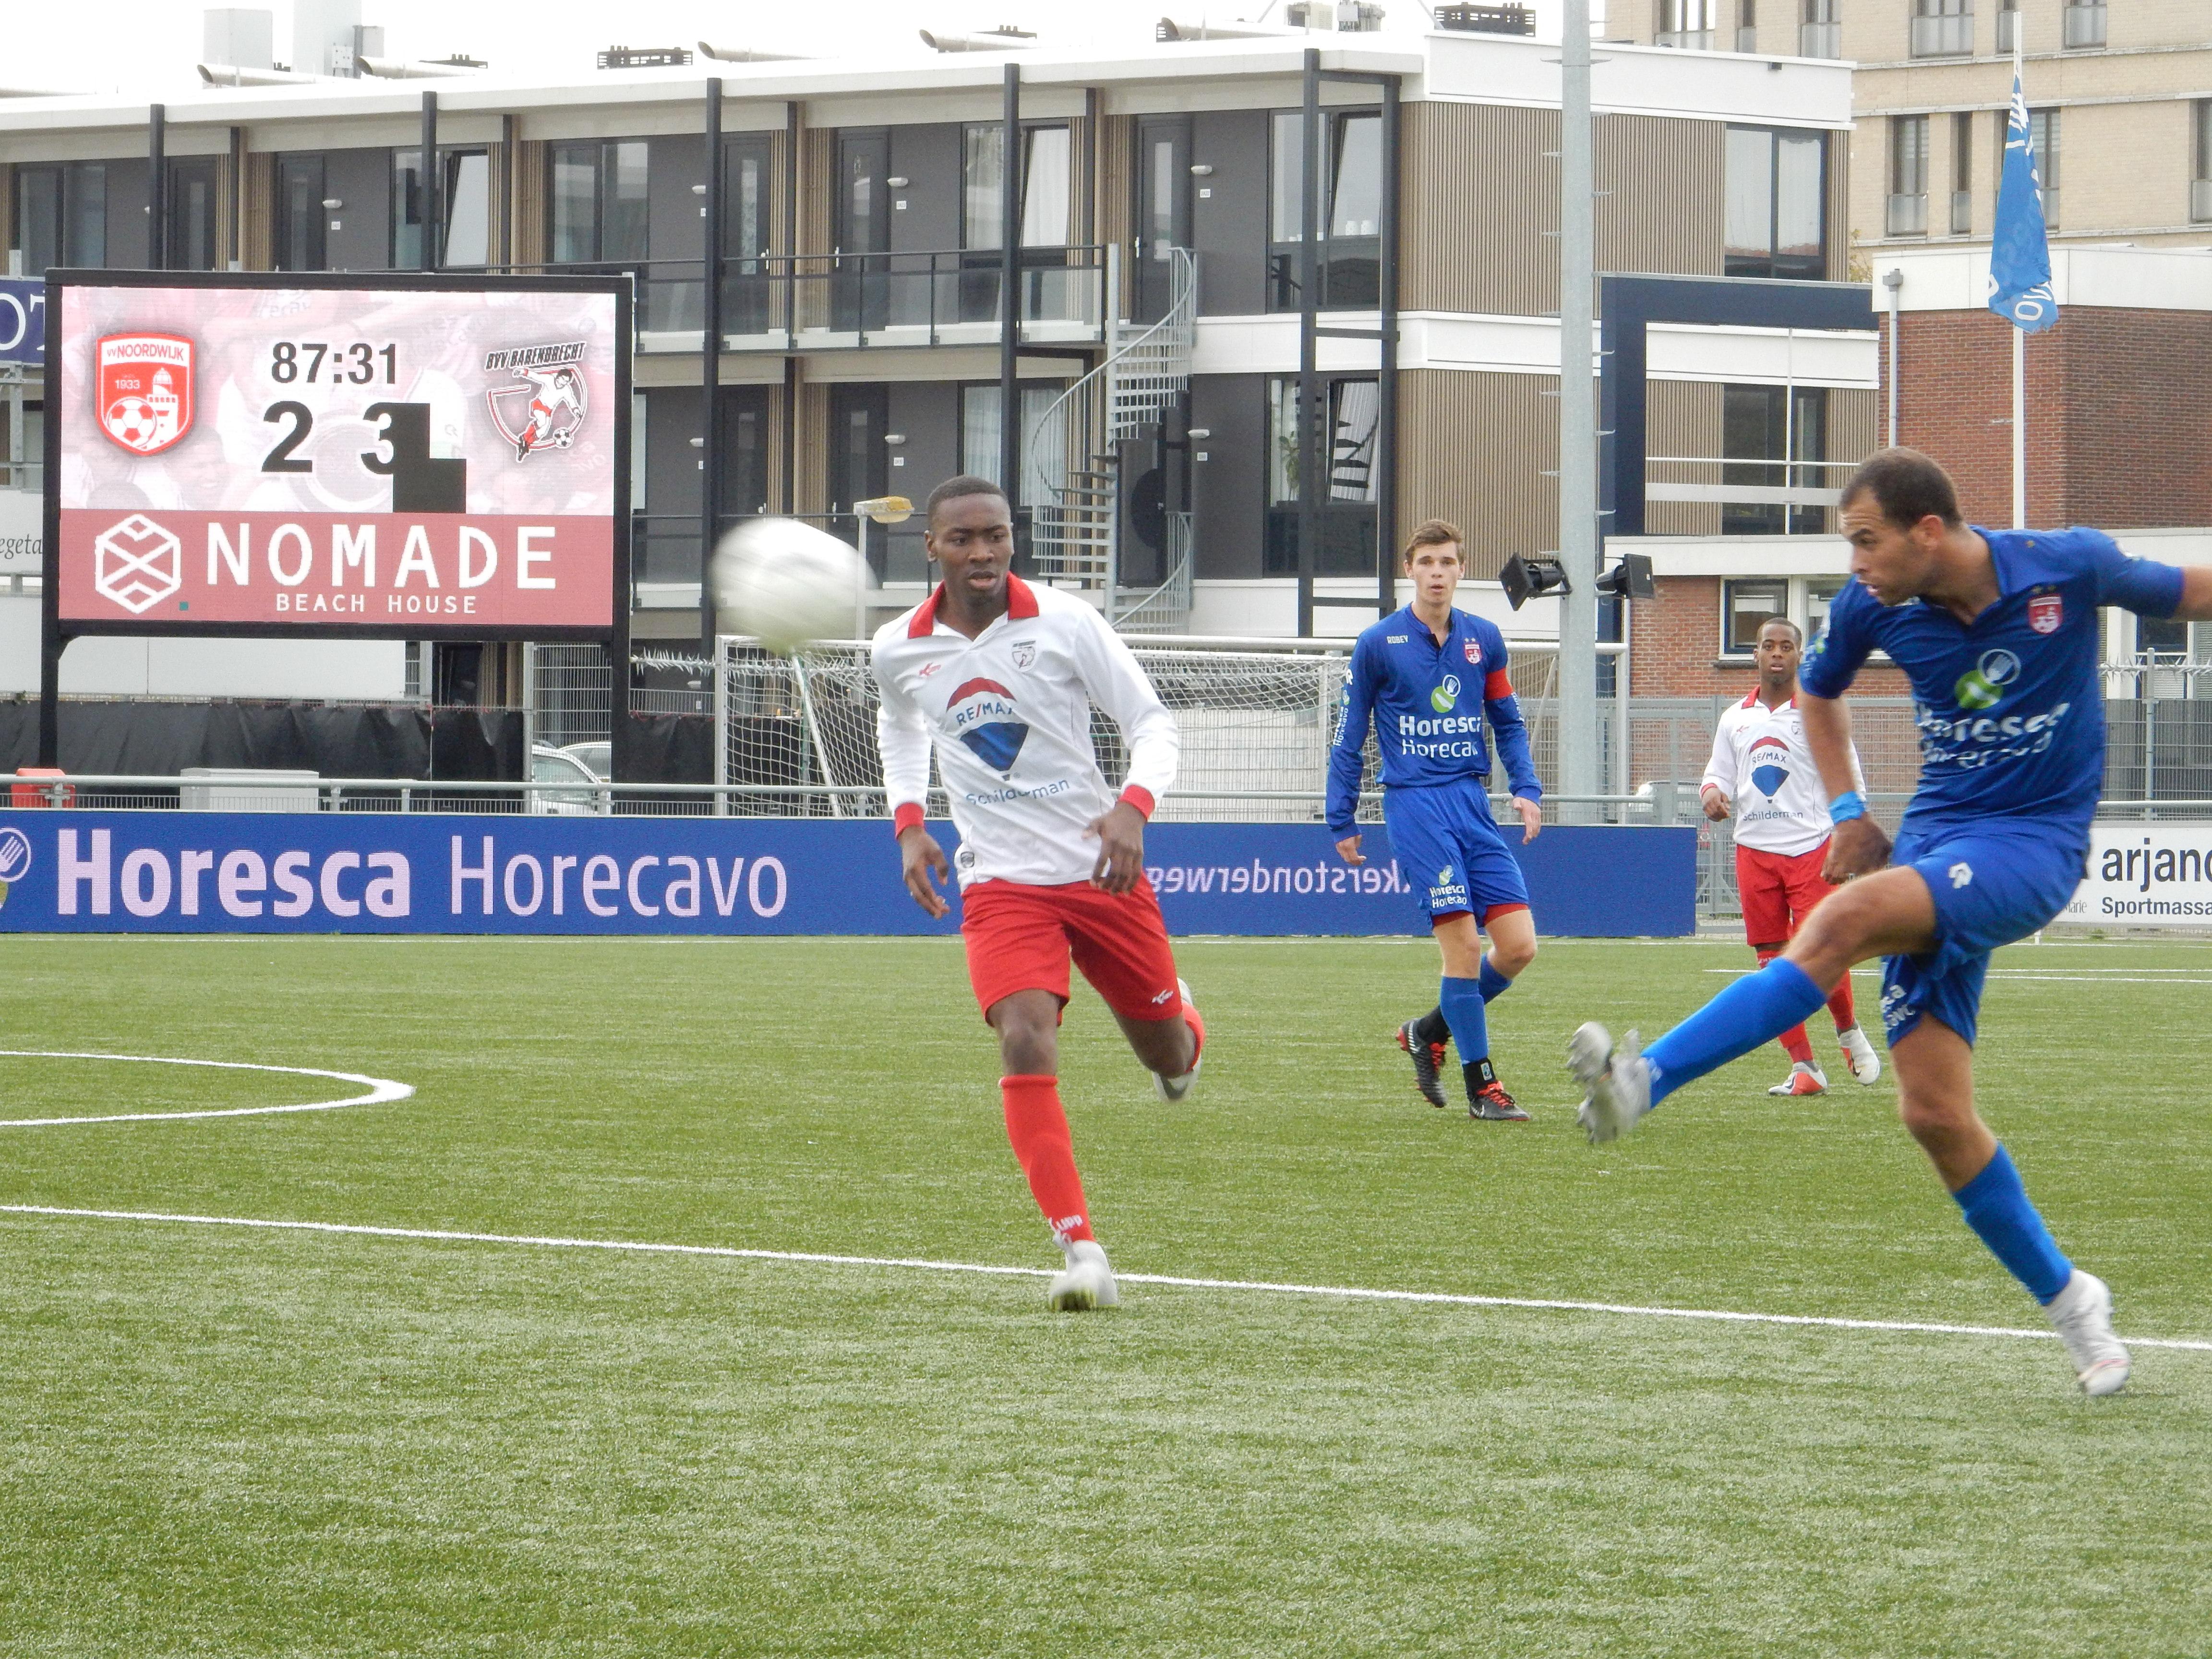 Noordwijk - BVV 2